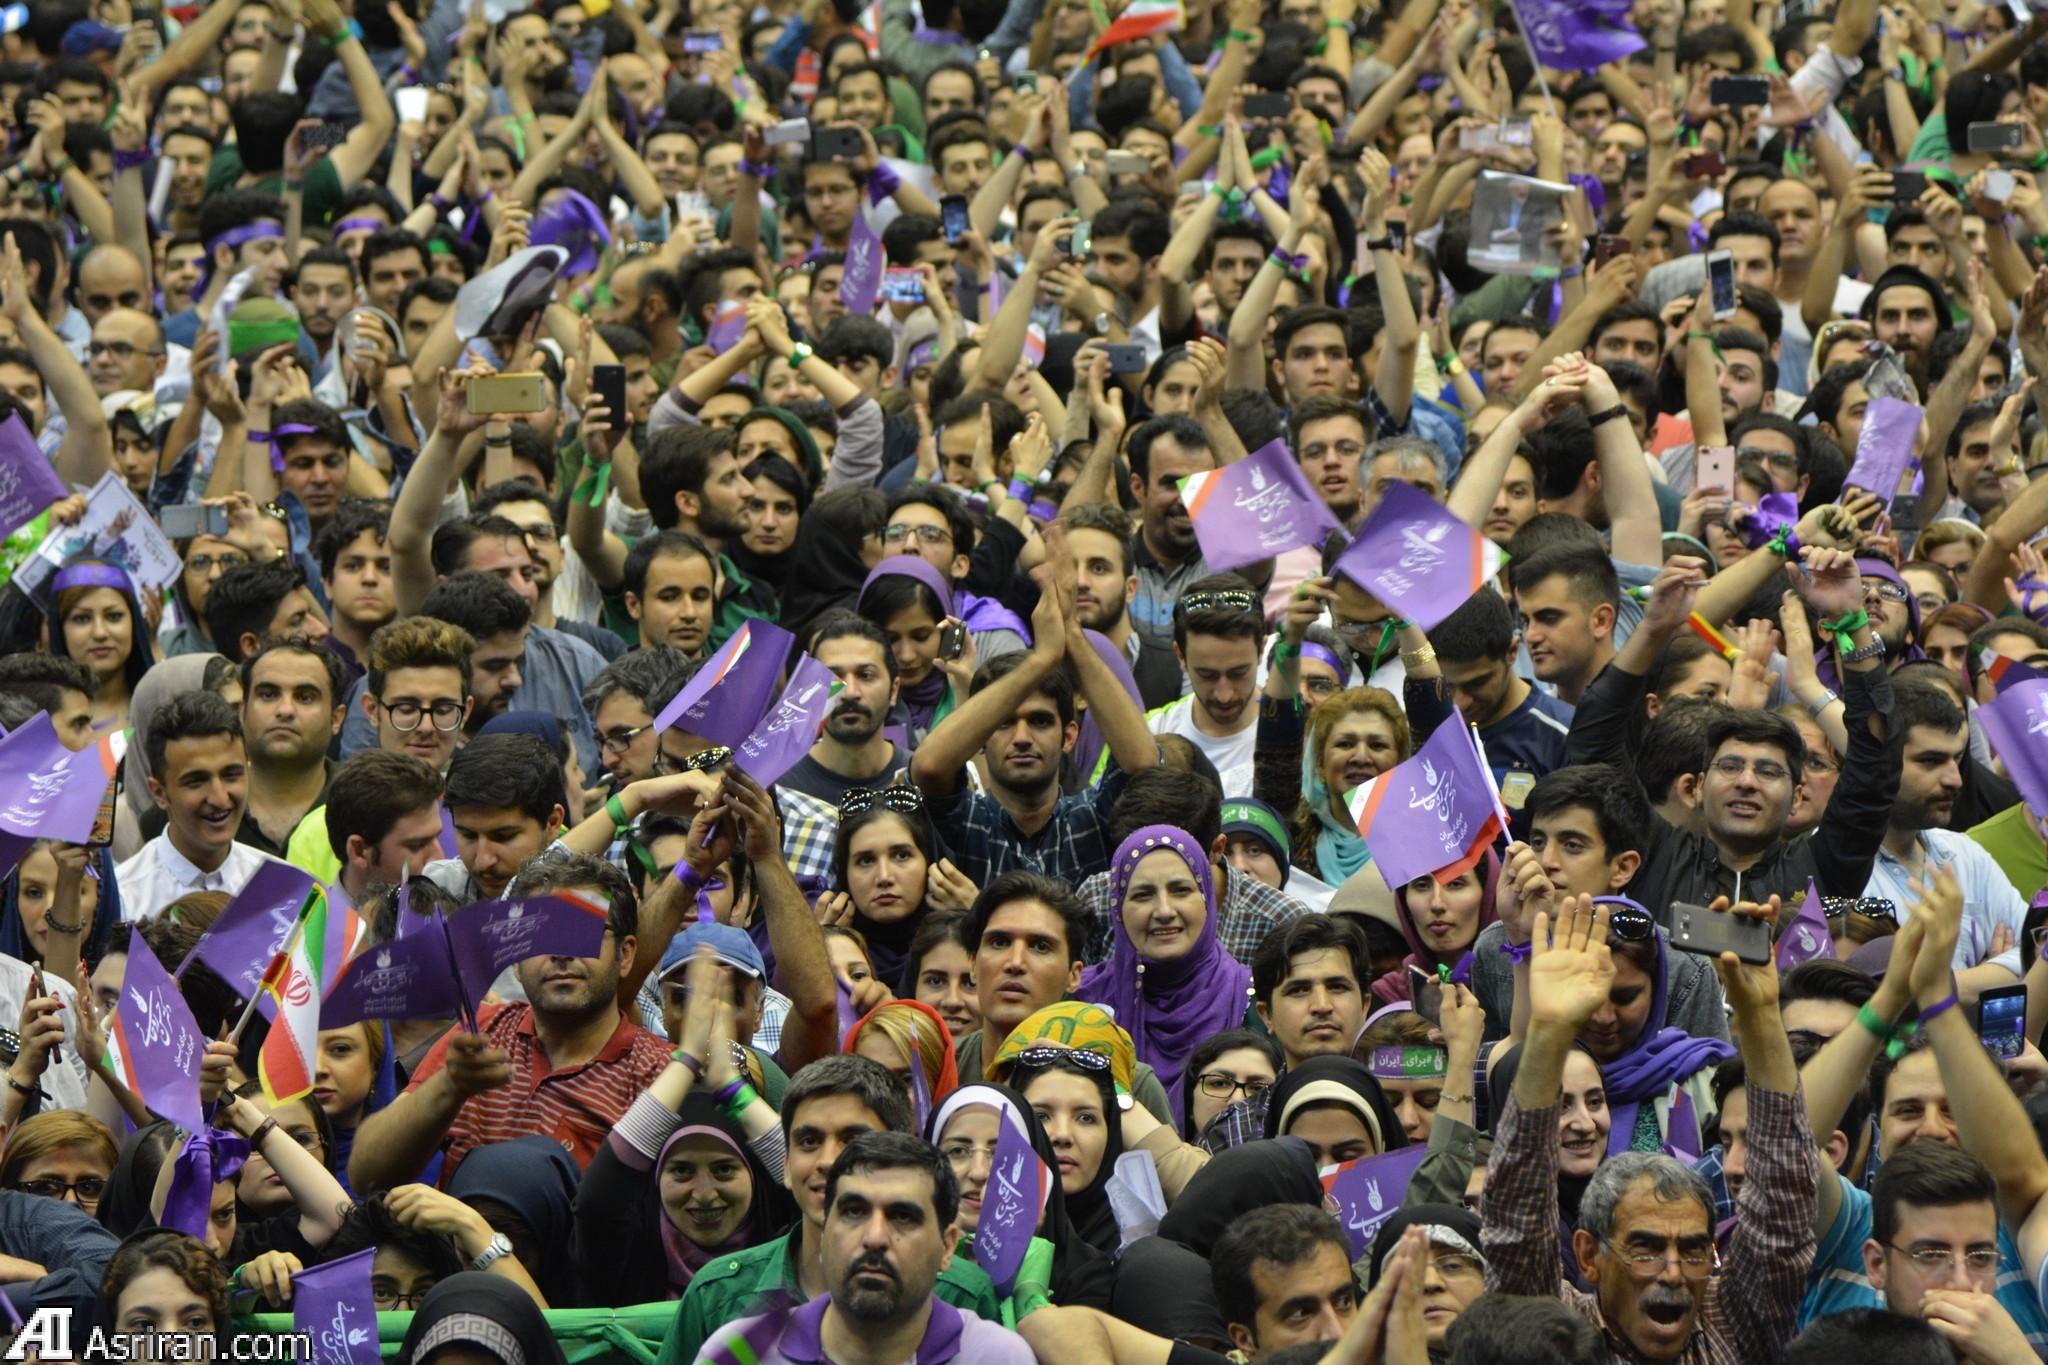 نتیجه تصویری برای طرفداران روحانی